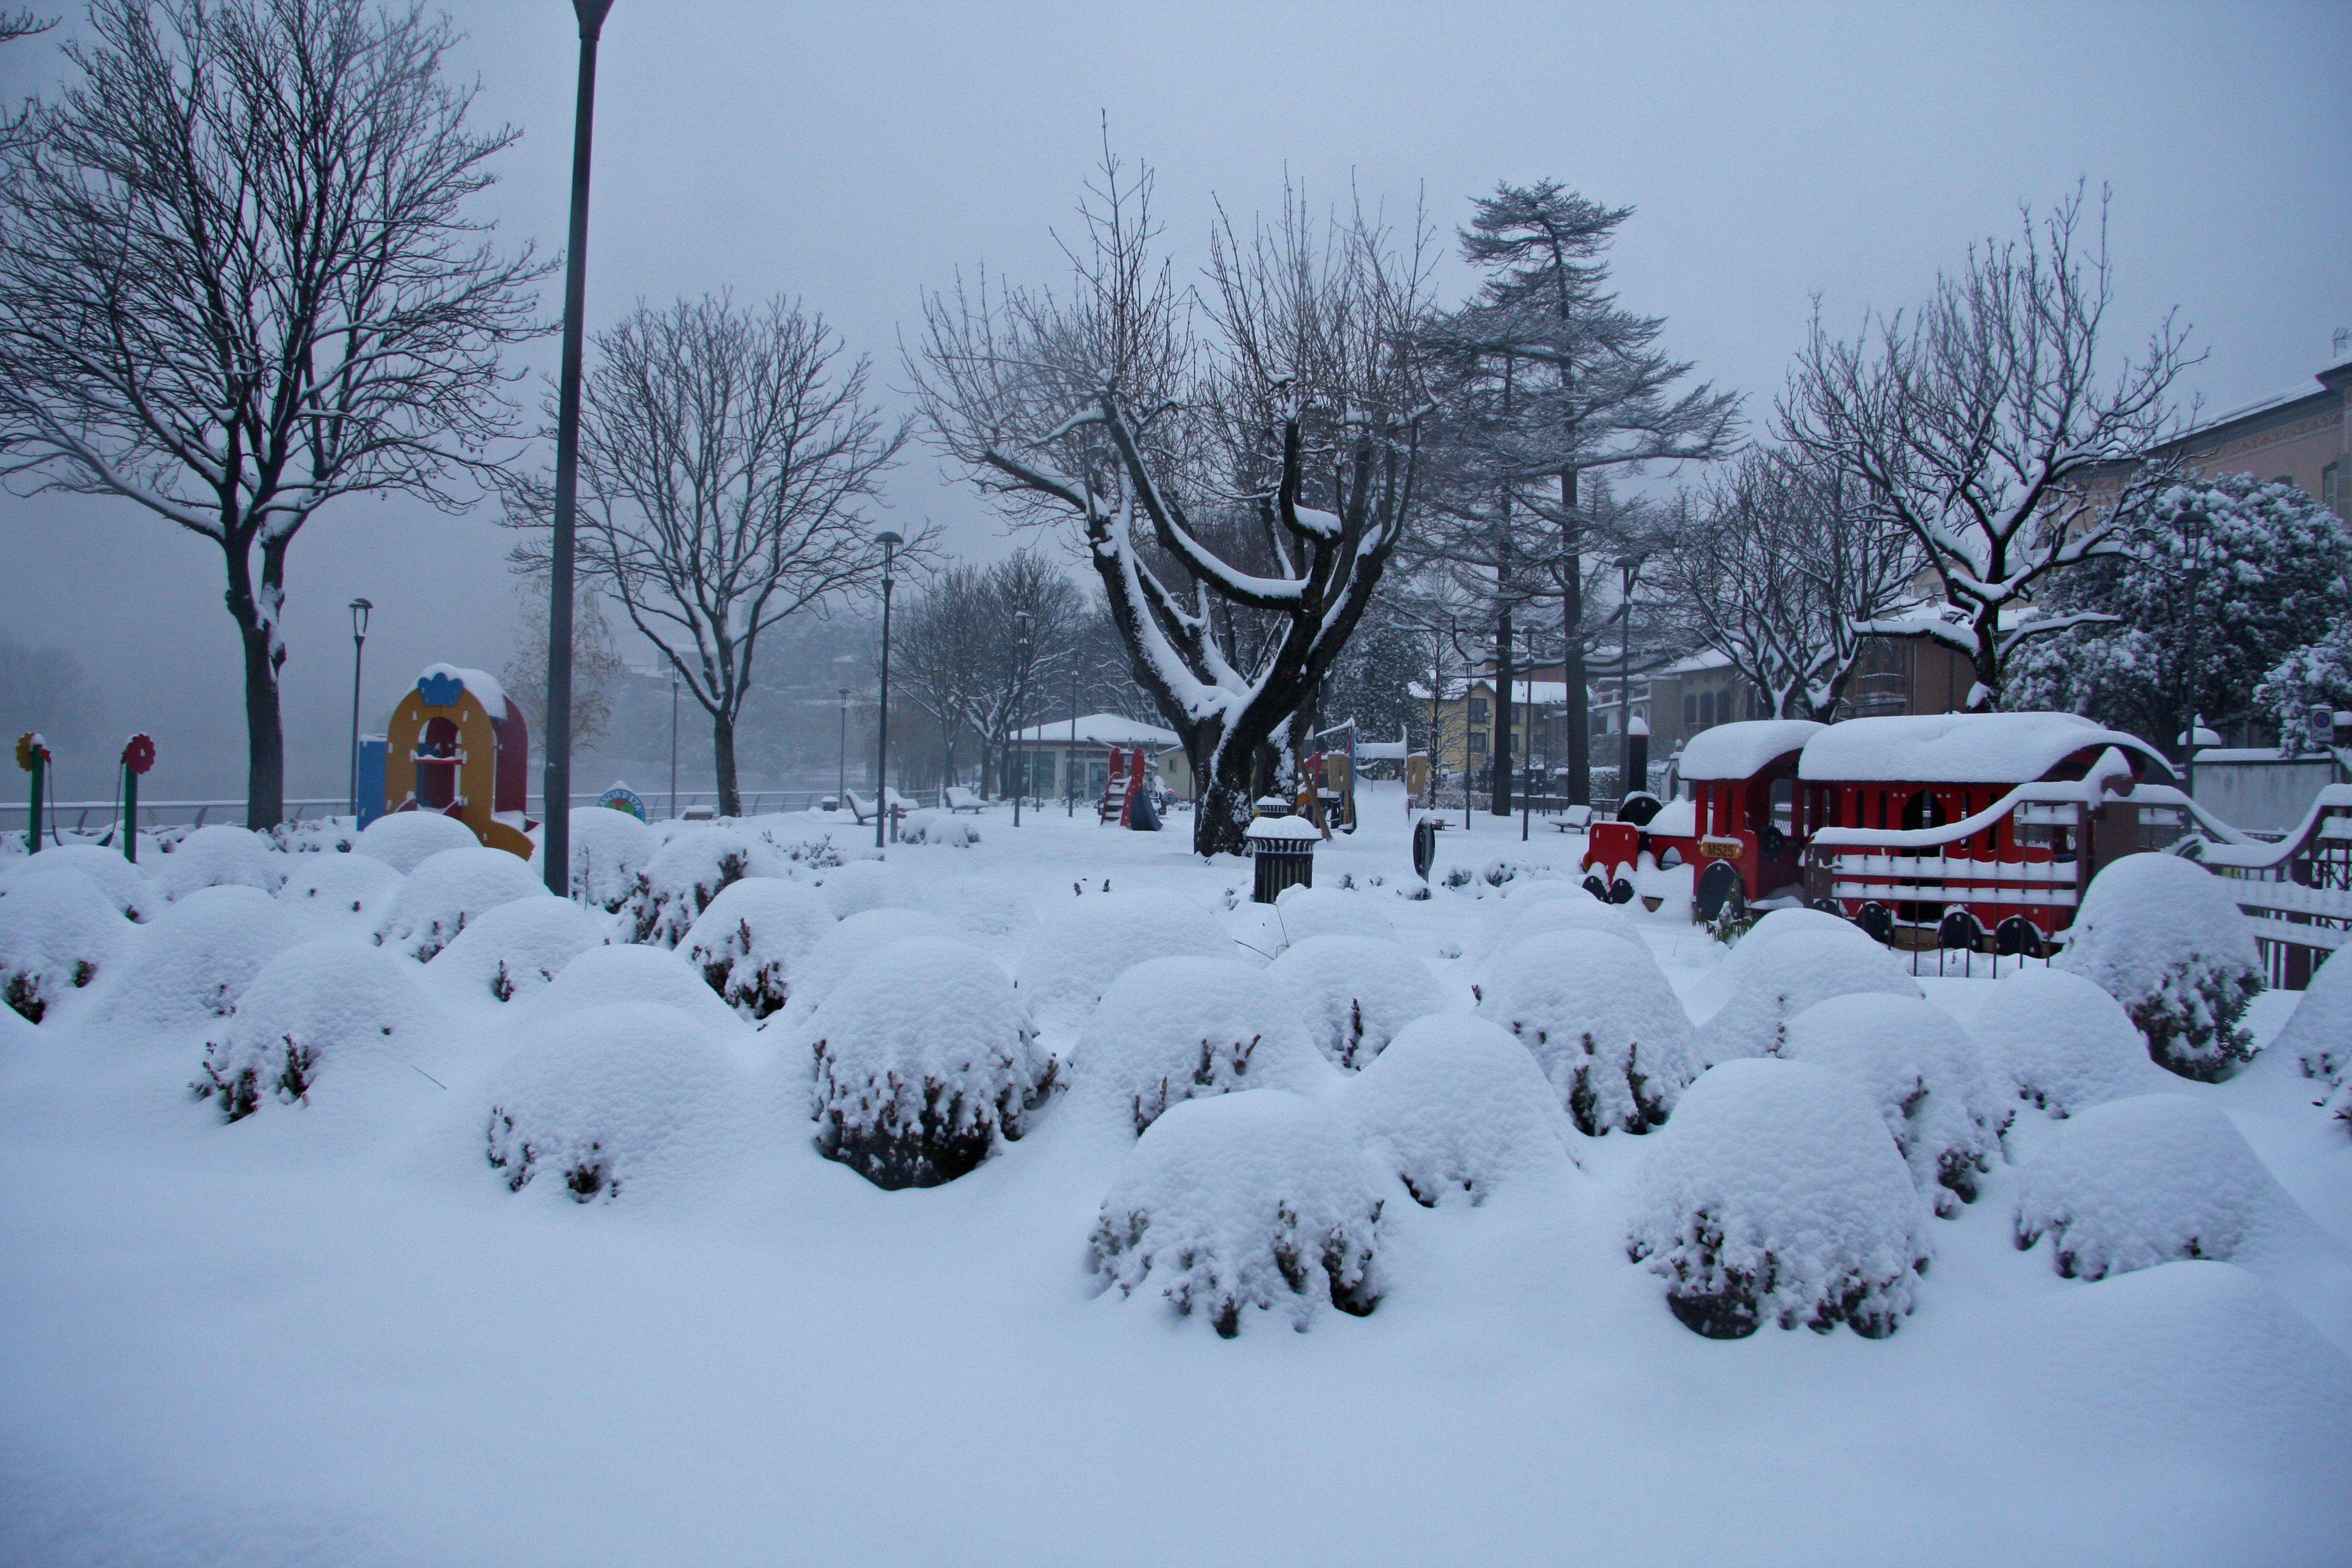 neve stazioni sciistiche lombardy italy - photo#15